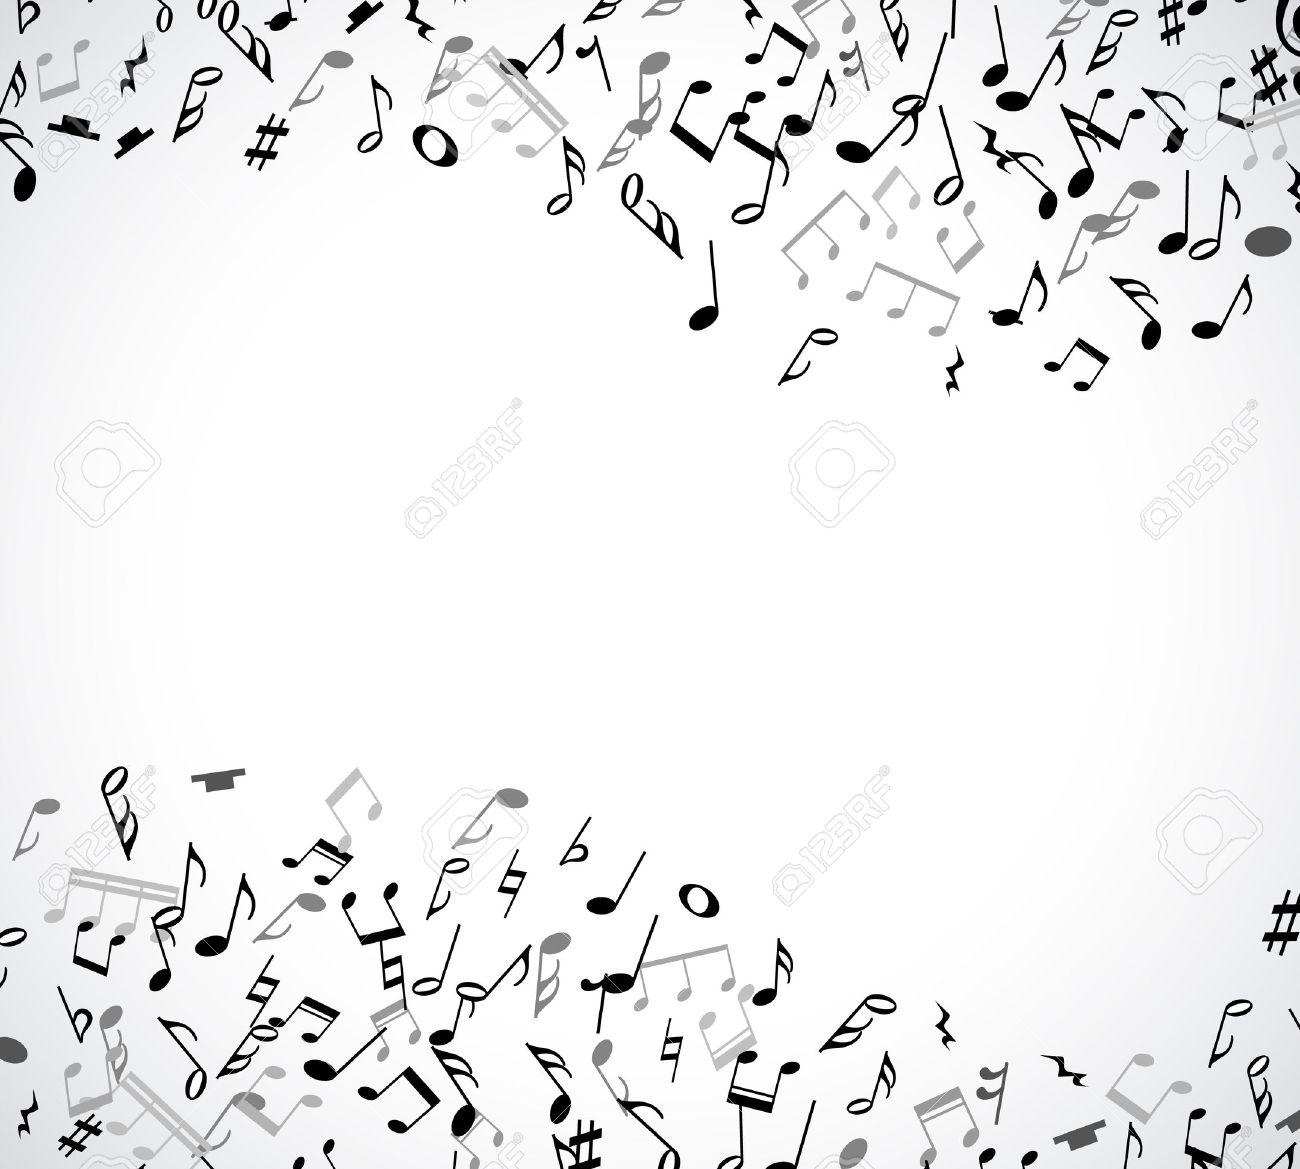 Marco Musical Abstracta Y La Frontera Con Notas Negras Sobre Fondo ...